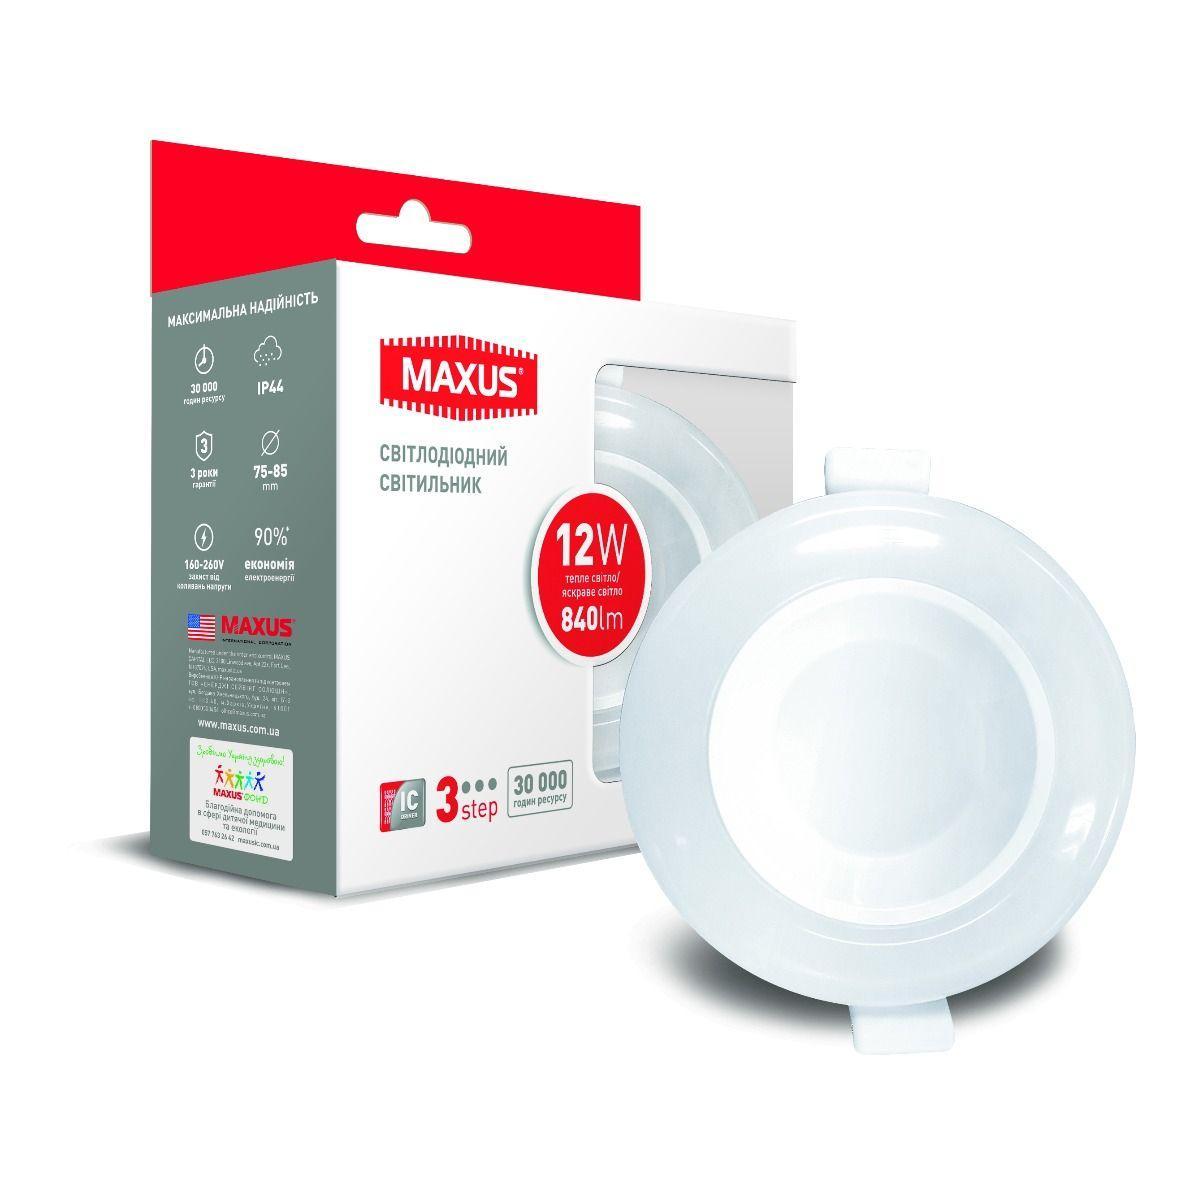 Светодиодный точечный светильник MAXUS 1-MAX-01-3-SDL-12-С 3-step 12W 3000/3500/4100K Круглый